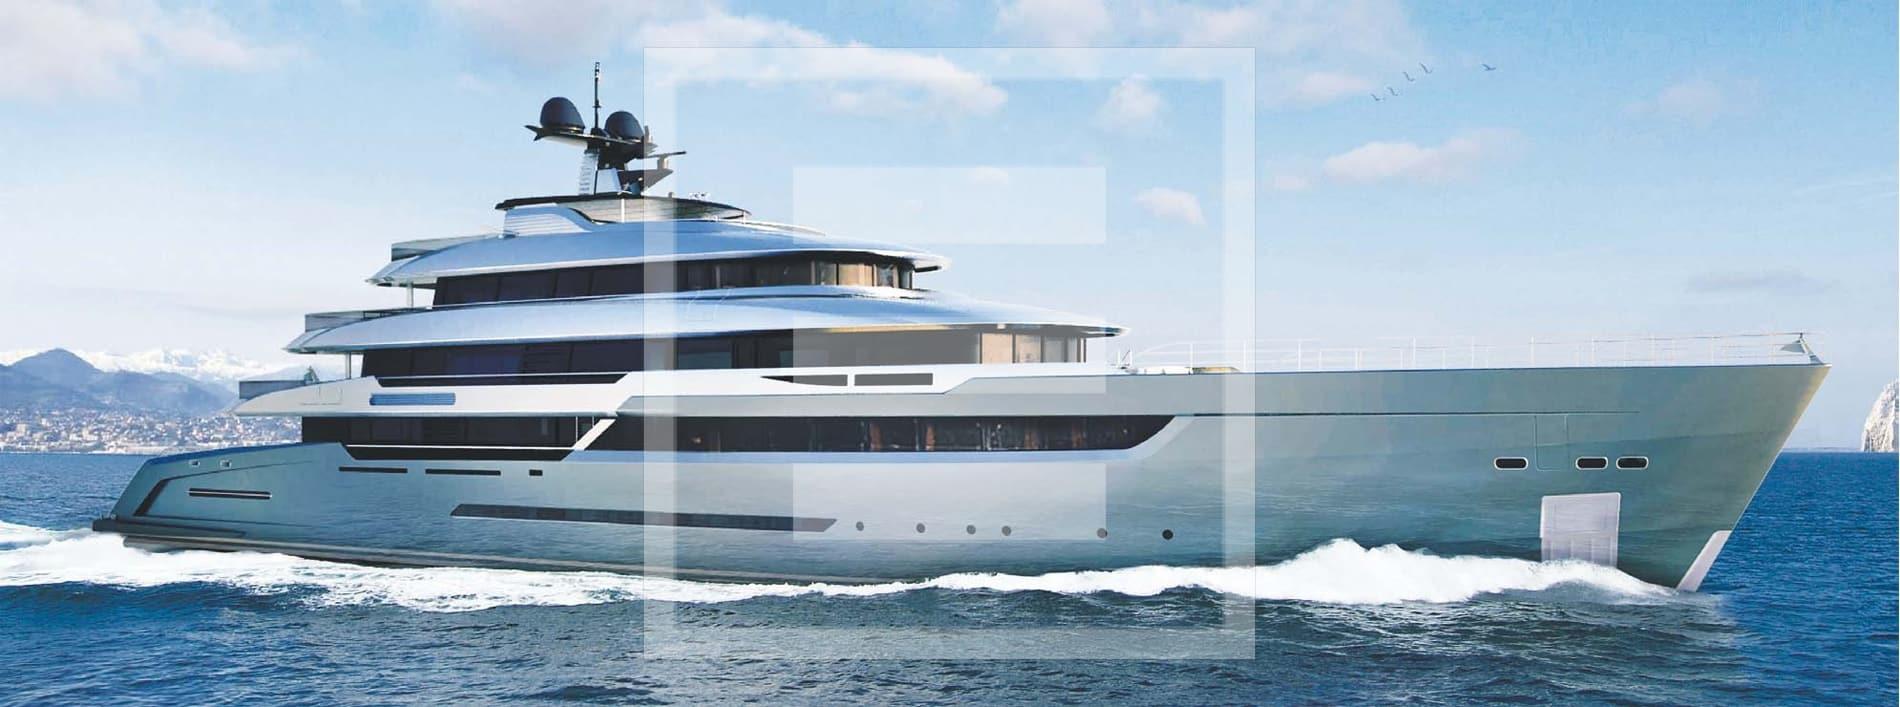 """Il primo vero yacht ibrido"""": la definizione di Sergio Cutolo per il Columbus 40S Hybrid"""